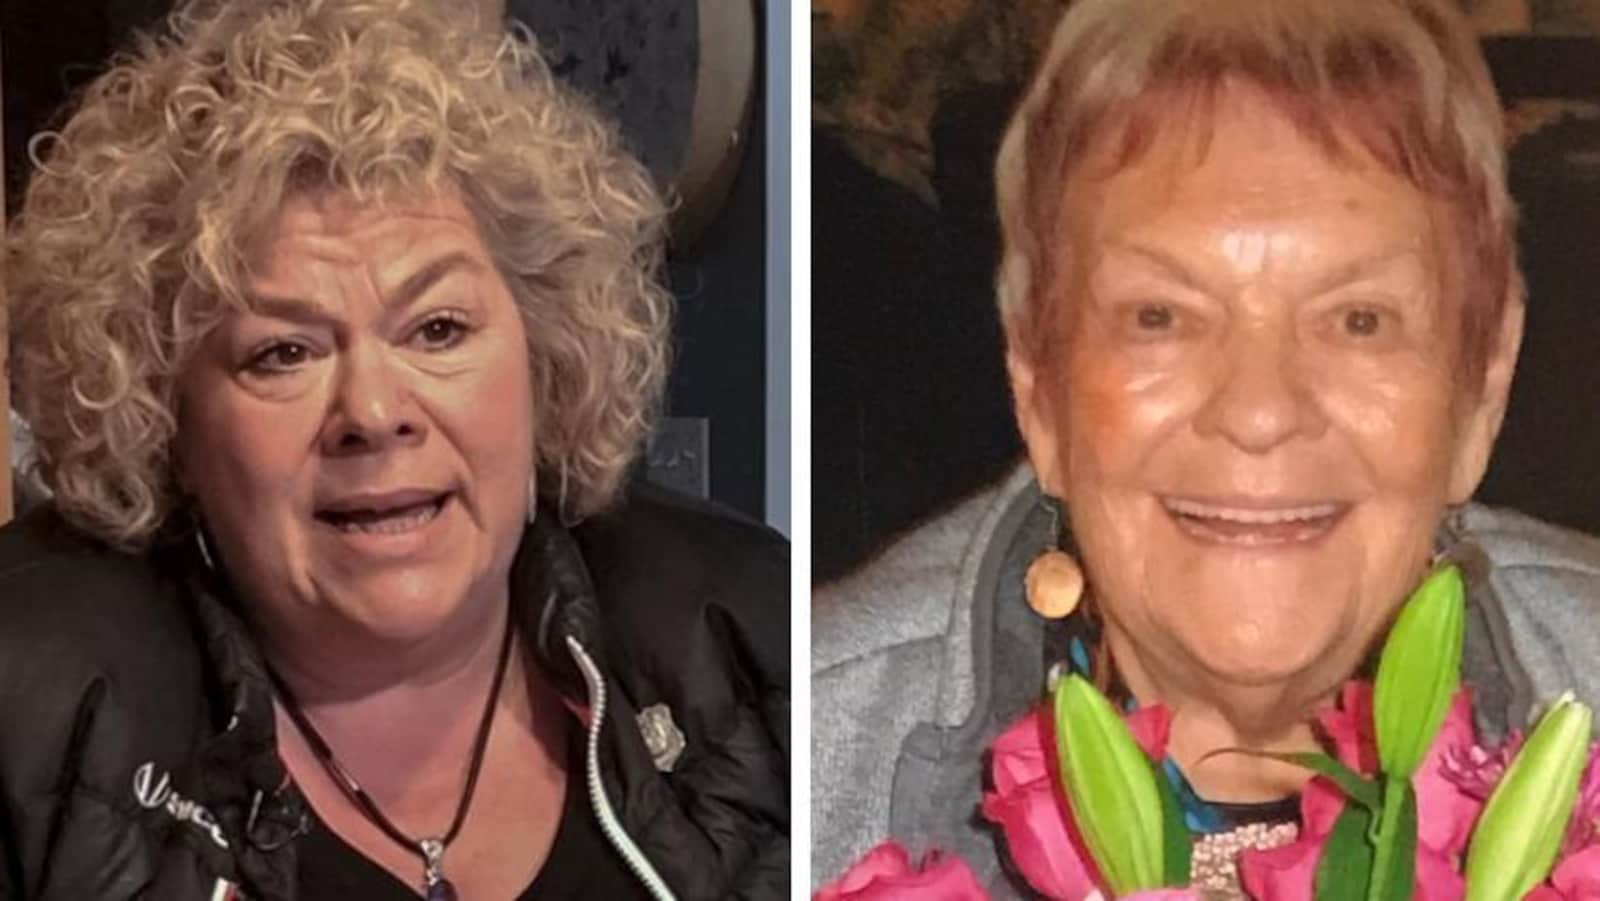 Un collage de deux photos. À gauche: une femme aux cheveux blonds et bouclés. À droite, une femme âgée souriante qui tient un bouquet de fleurs.